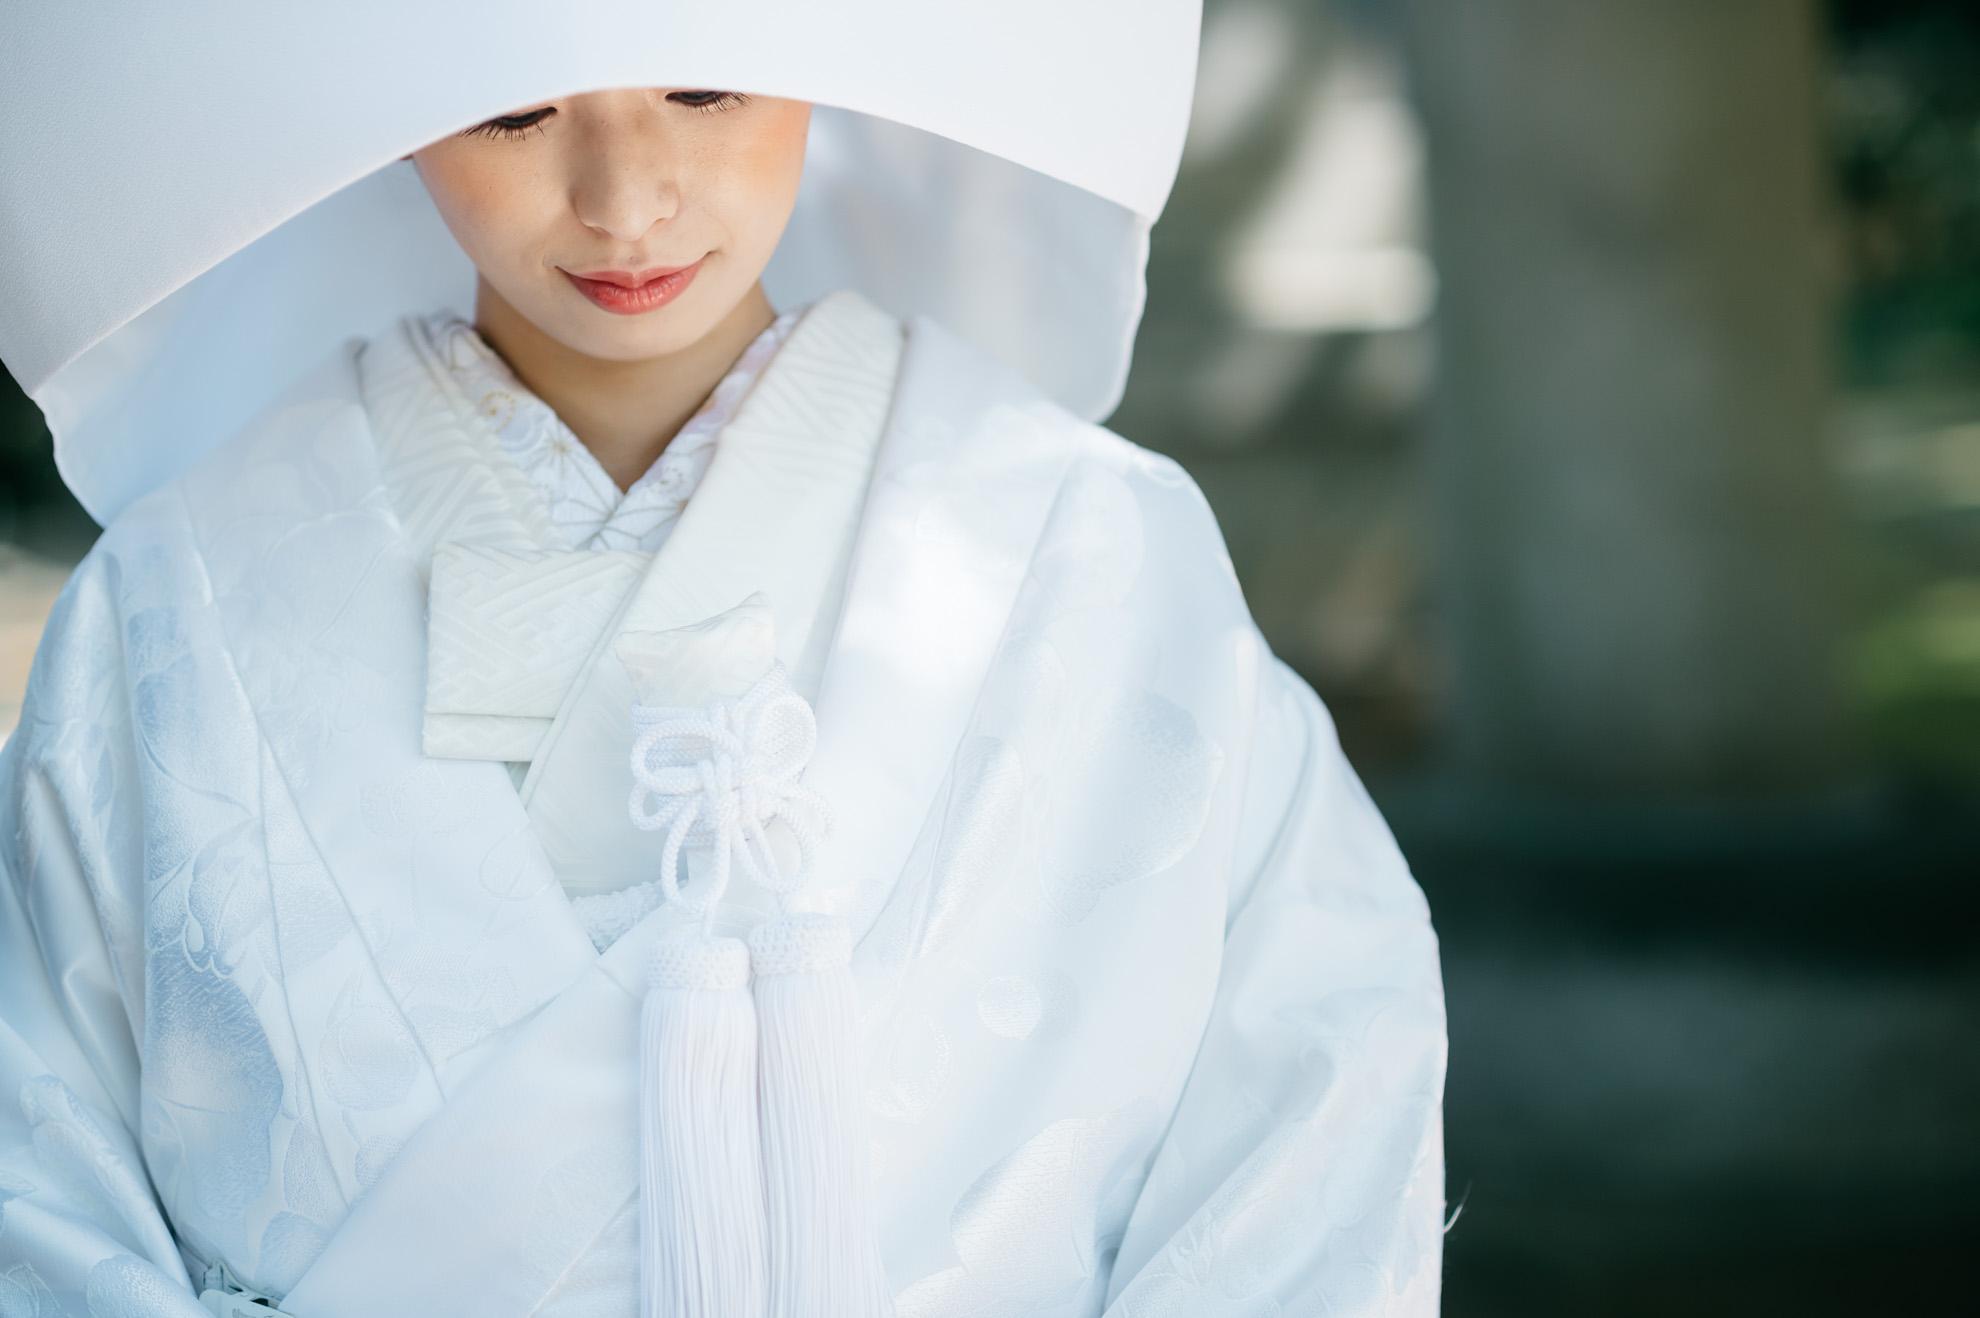 【結婚式のカメラマン】後悔しないための探し方と選び方